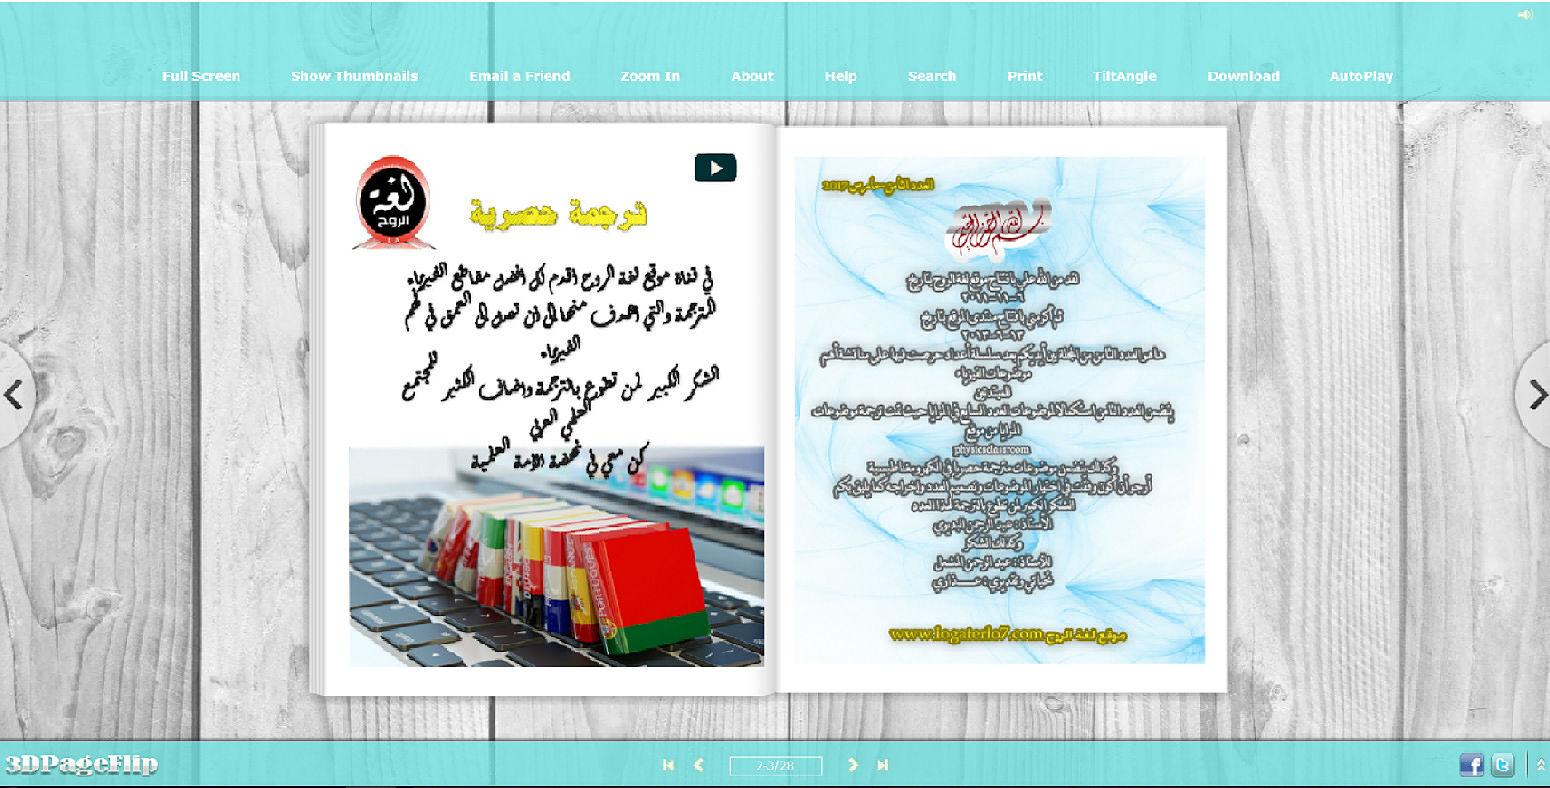 الإصدار الثامن مجلة الروح الإلكترونية